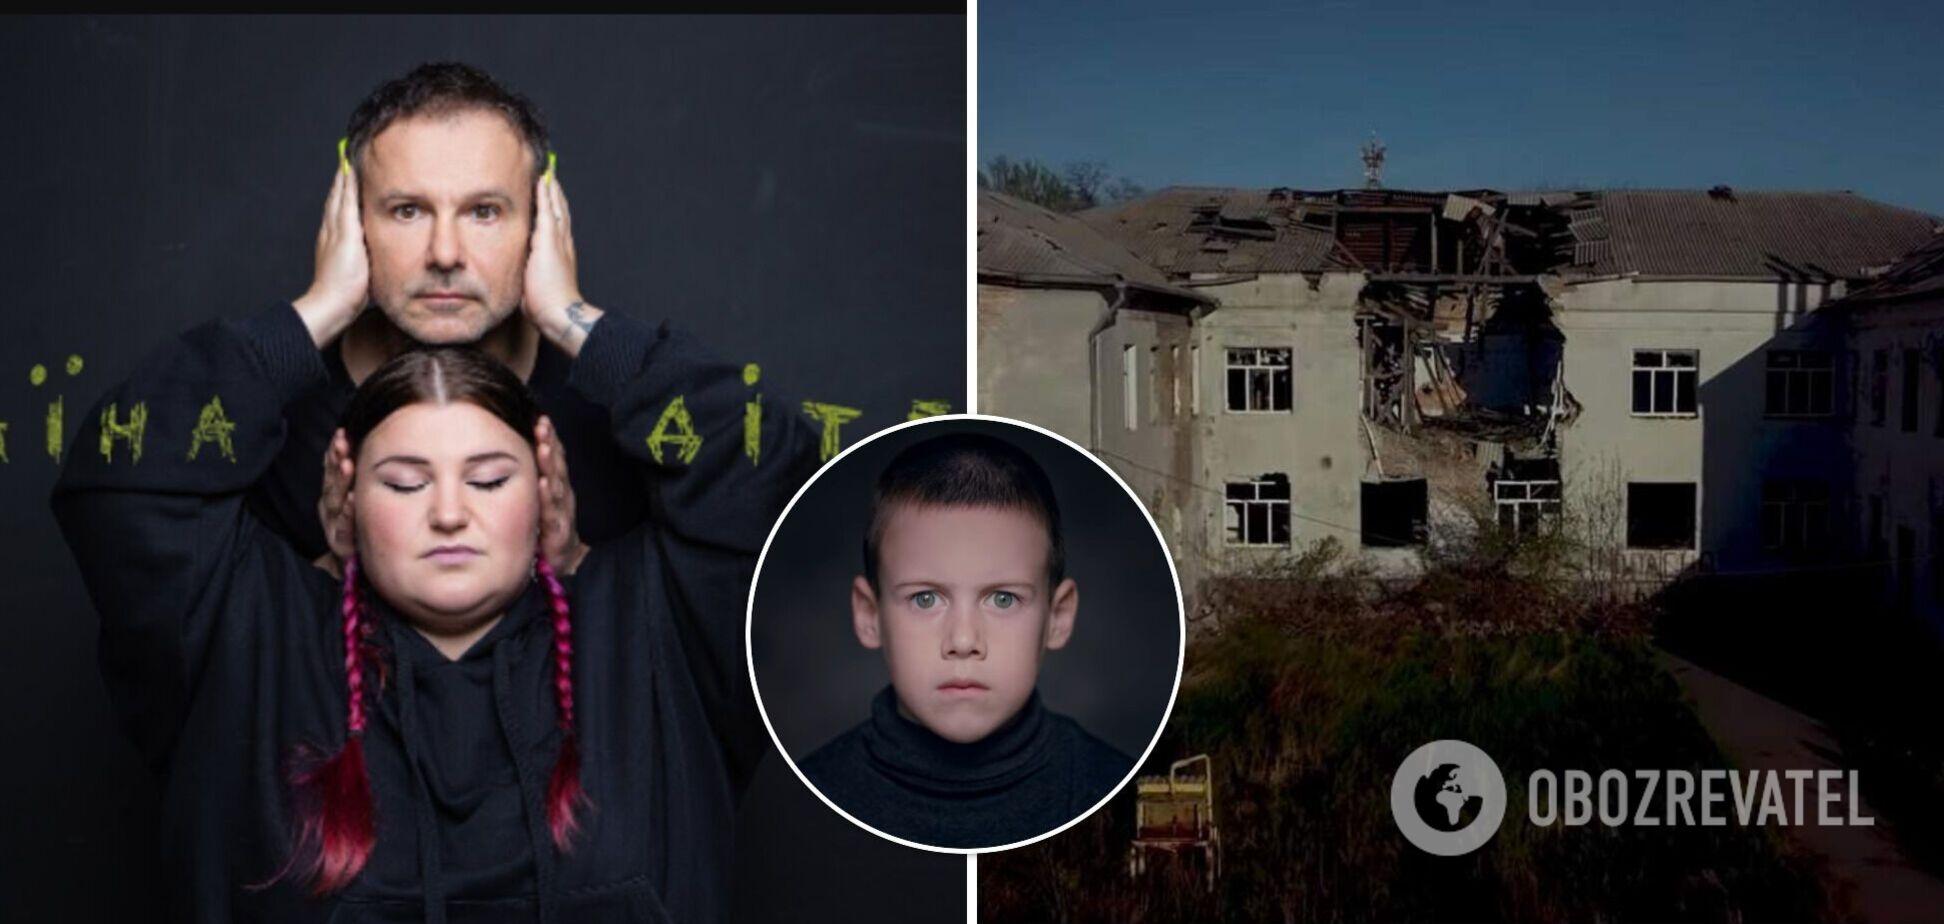 Гурт'Океан Ельзи' і реперкаAlyona Alyona презентували кліп на пісню 'Країна дітей'